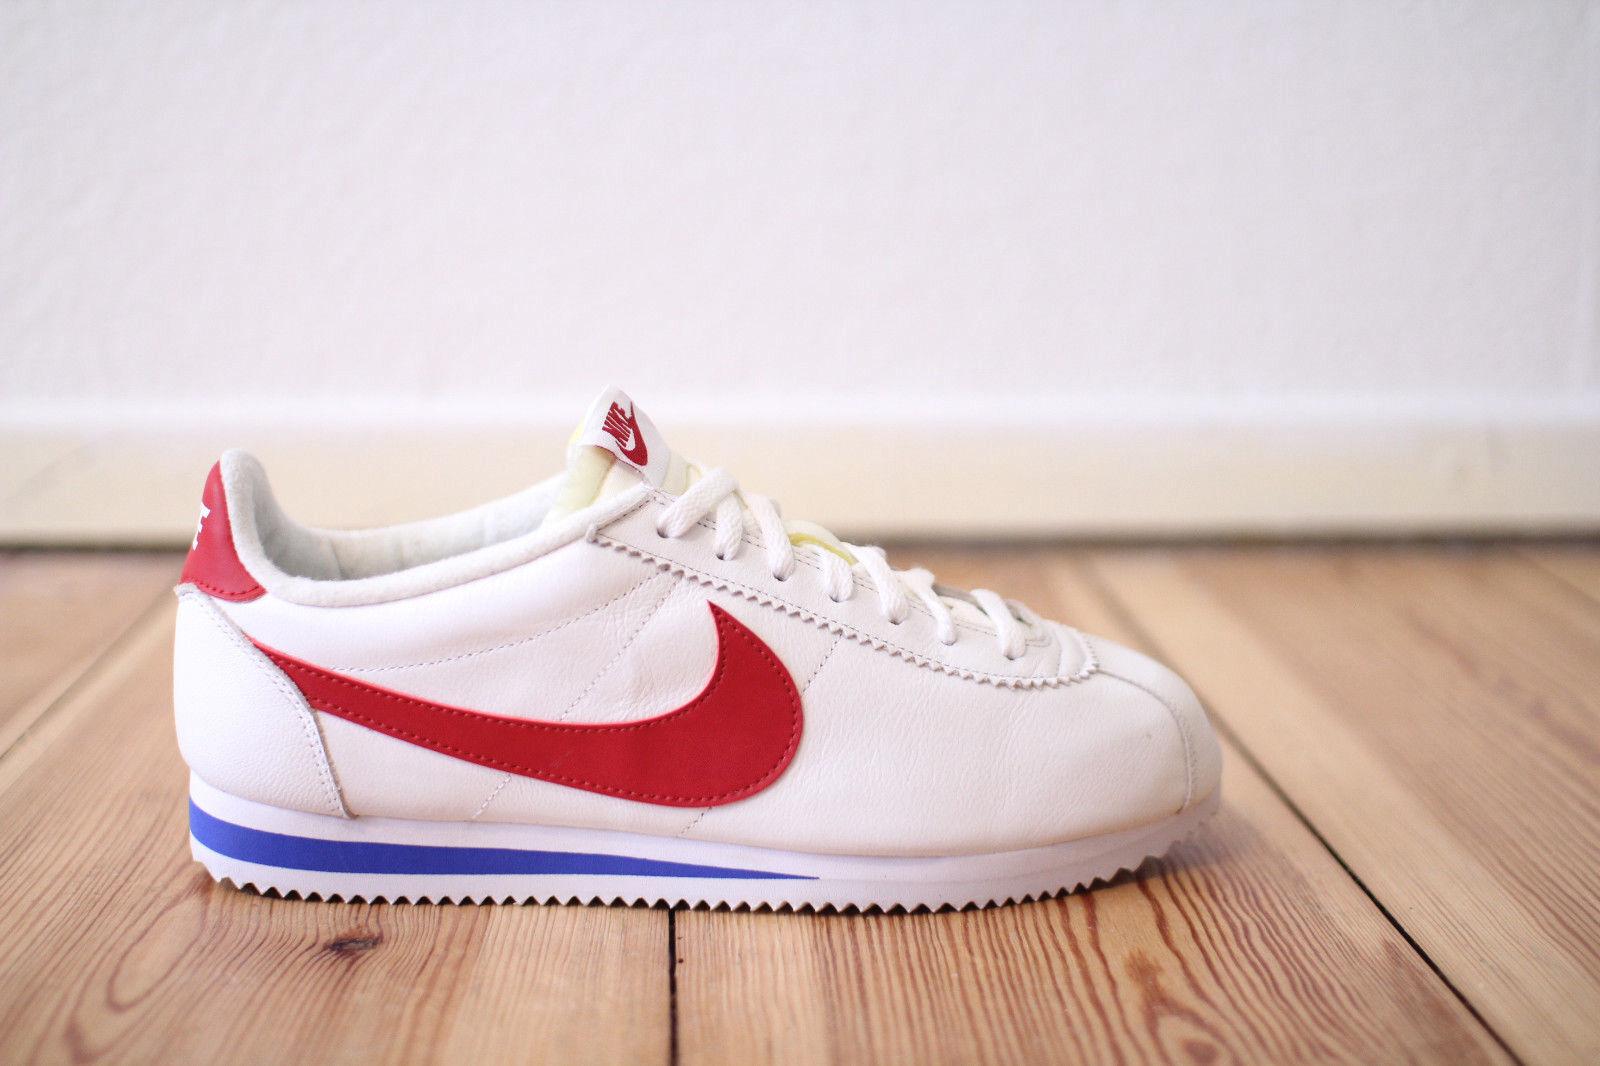 Nike Classic cortez og PRM de cuero blancoo og talla 42,43,44,45 nuevo embalaje original &